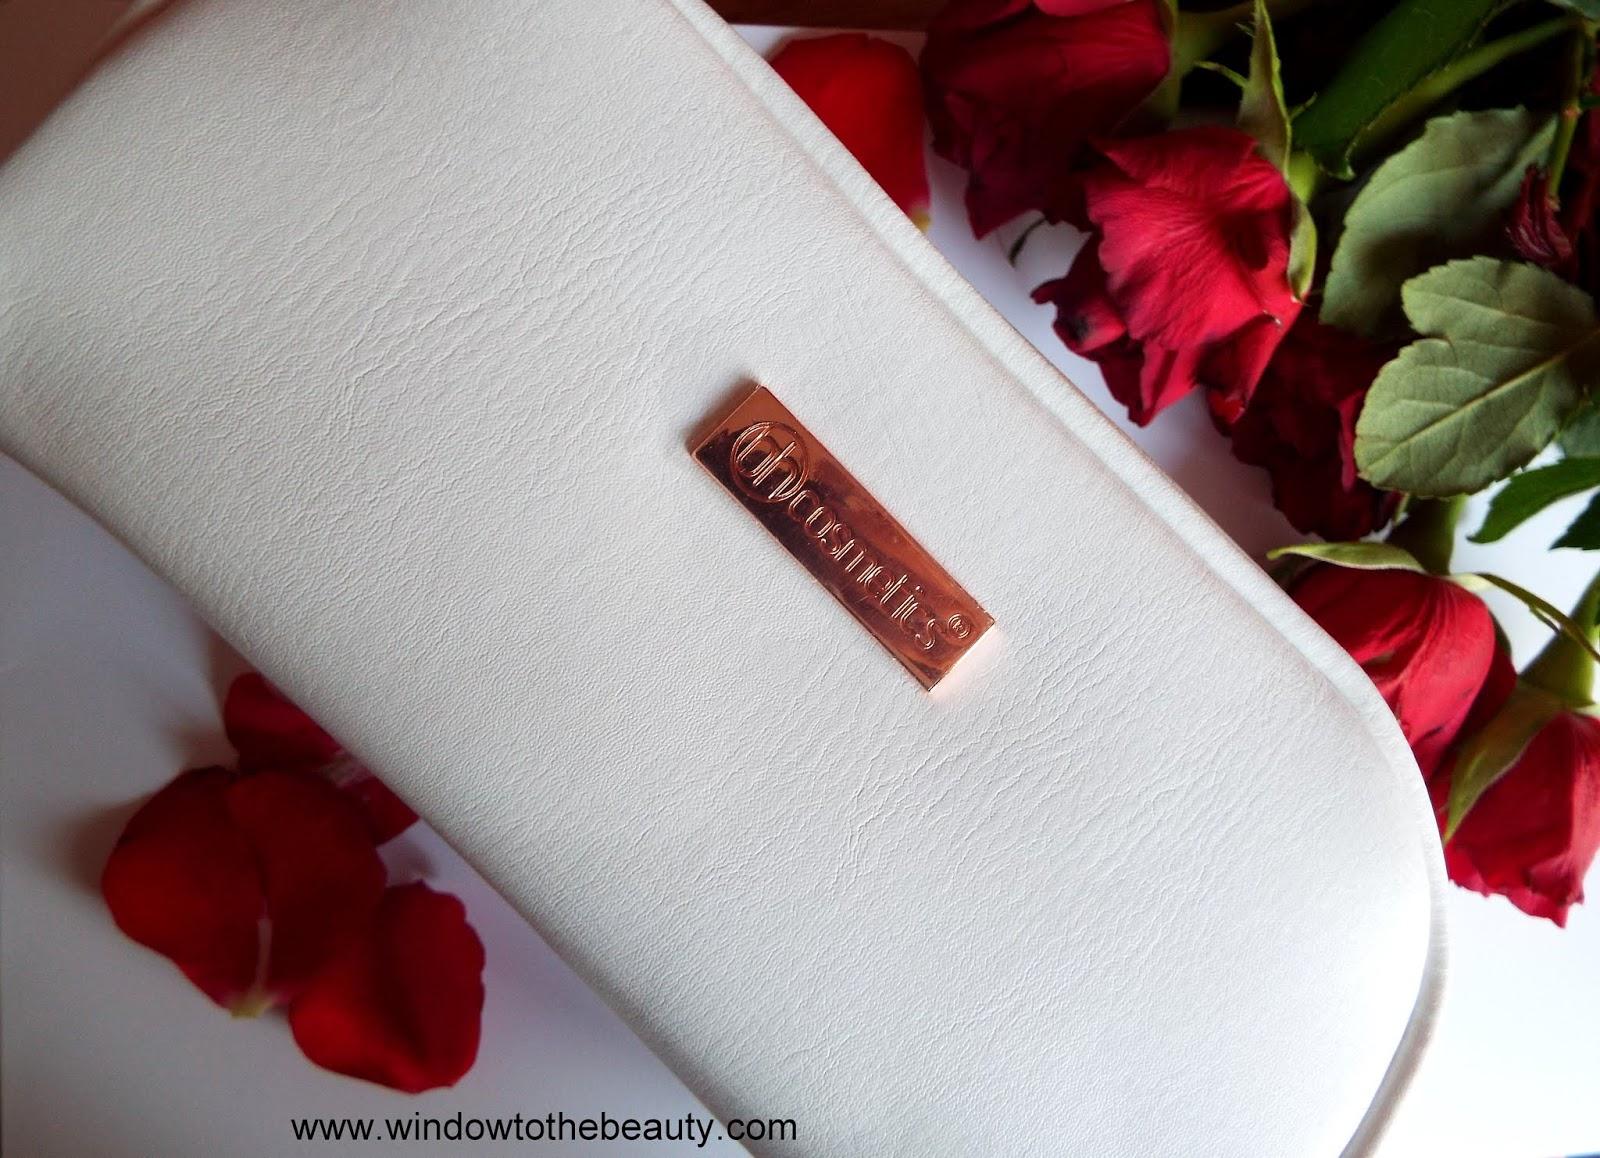 Rose Romance 12 Piece Brush Set by BH Cosmetics #14